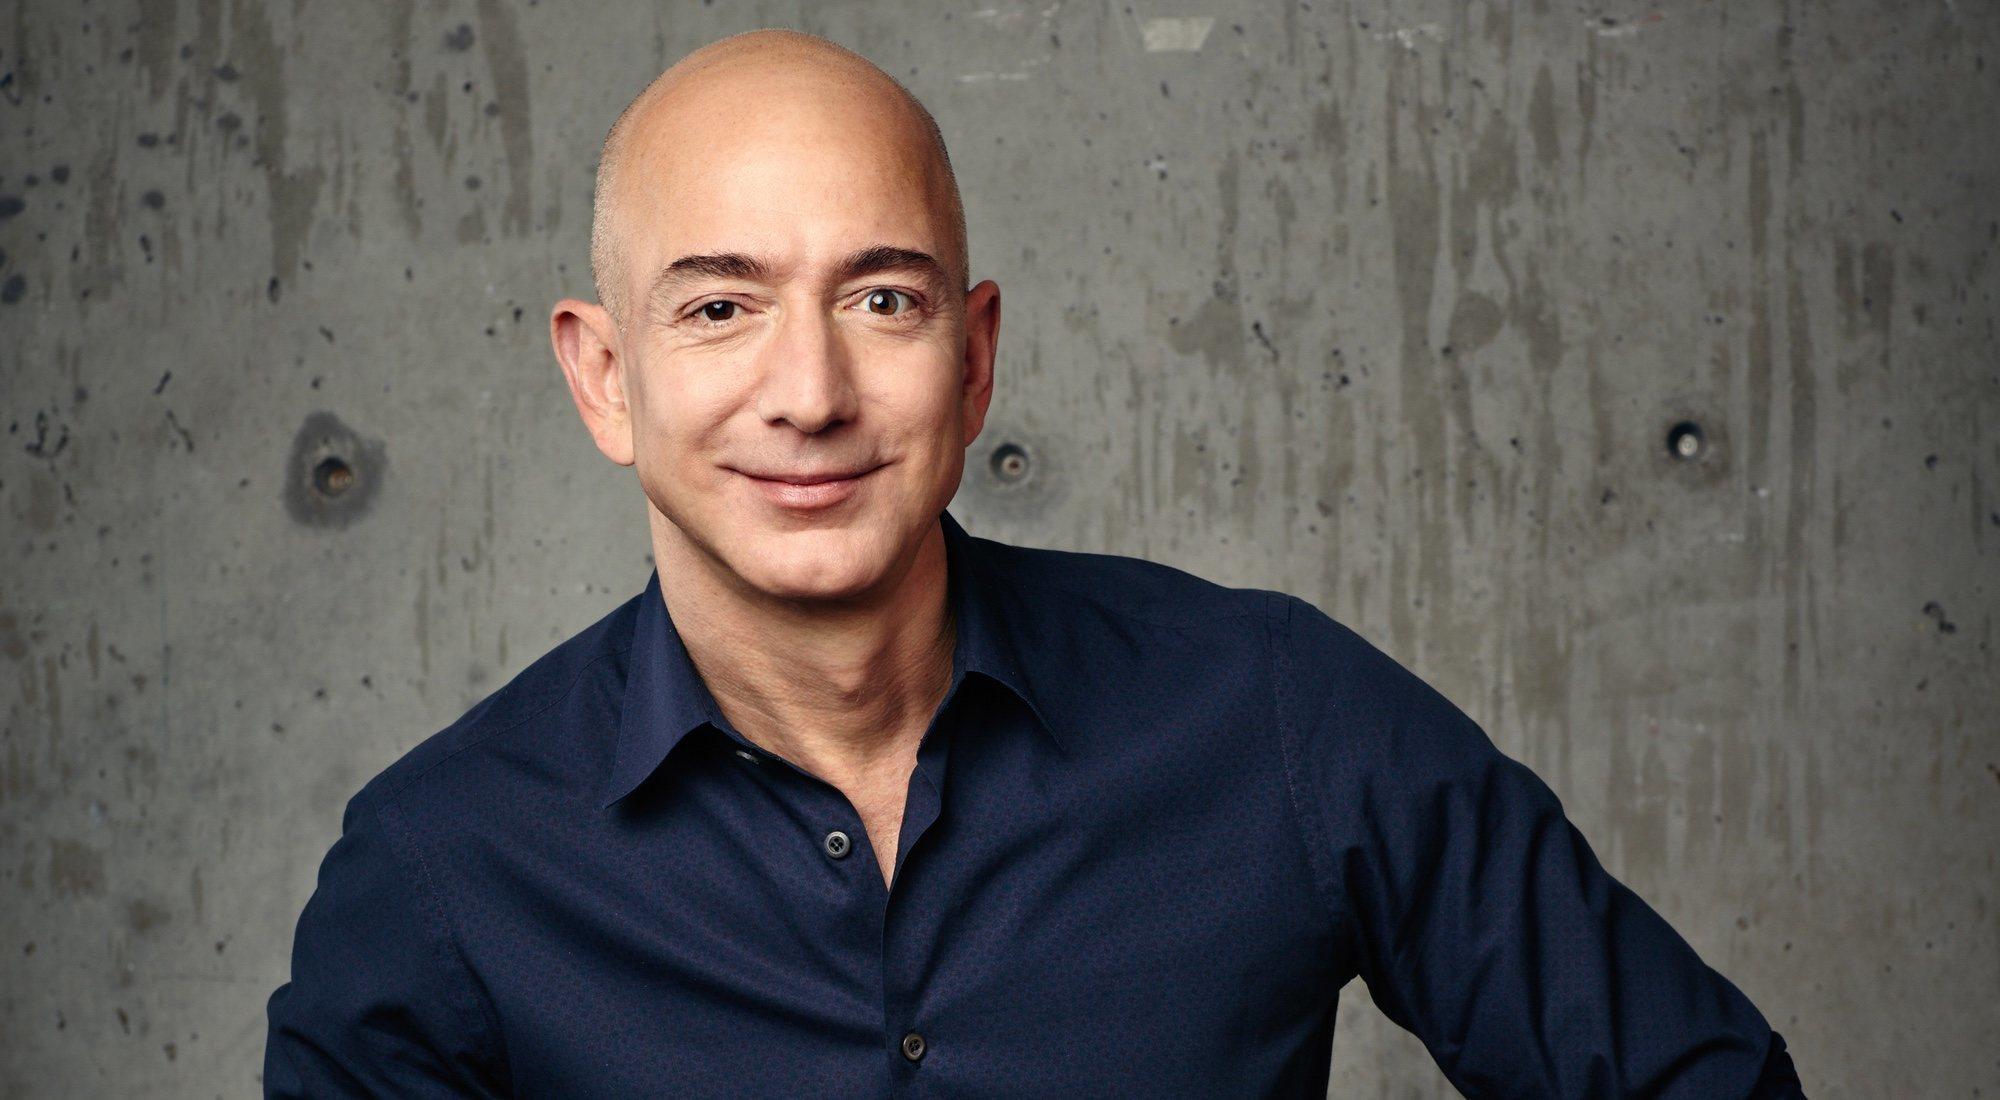 Qué hay detrás de la extorsión que denuncia Jeff Bezos